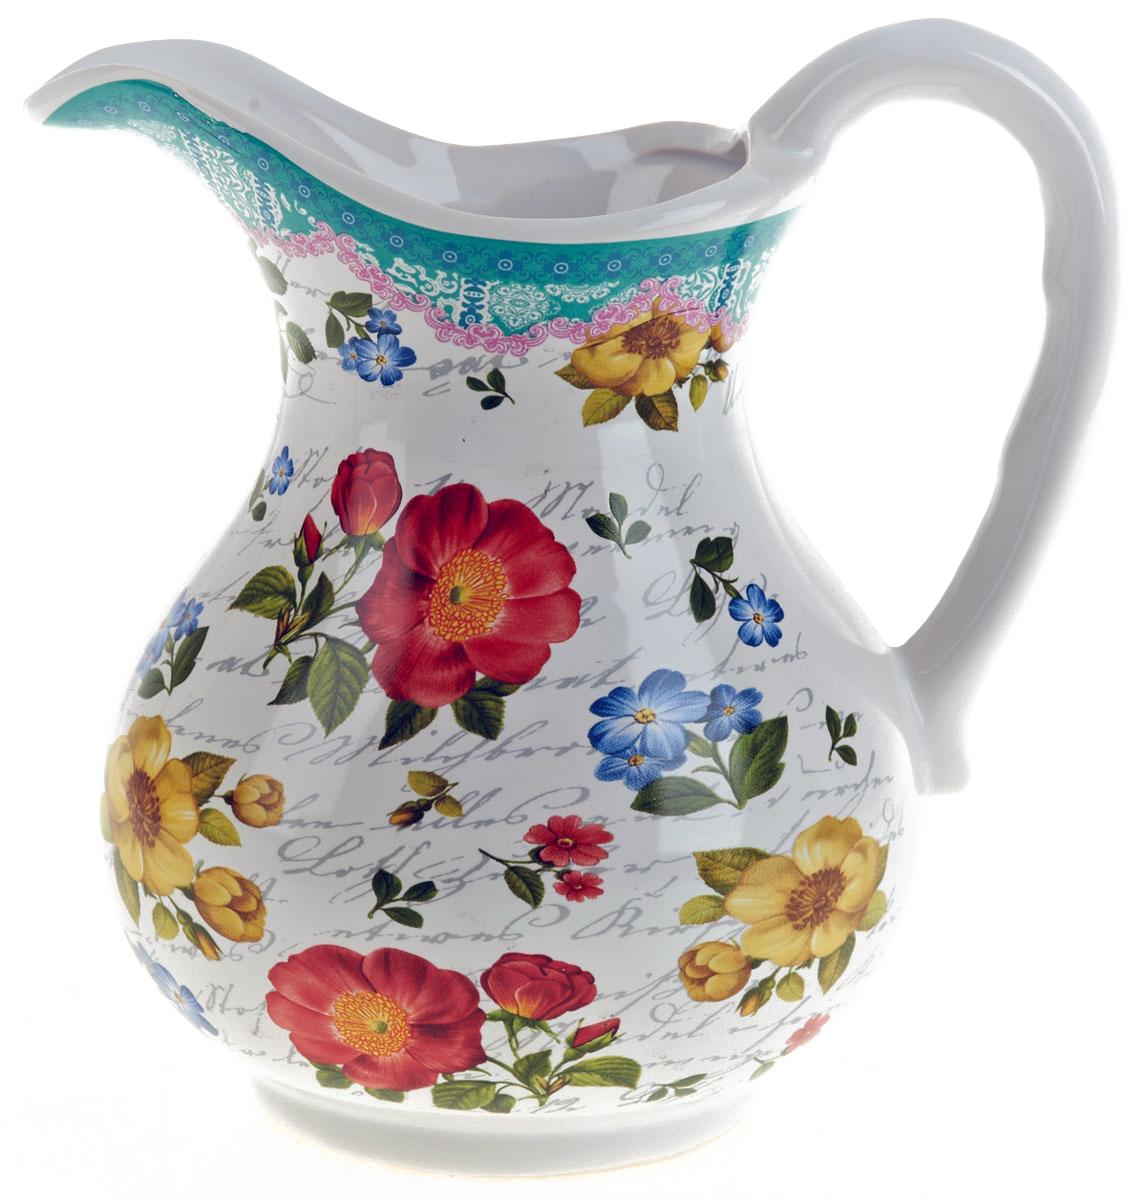 Кувшин ENS Group Цветочная поэма, 1 л0660105Кувшин Цветочная поэма изготовлен из высококачественной керамики с изящным рисунком. Кувшин оснащен удобной ручкой. Прекрасно подходит для подачи воды, сока, компота и других напитков. Изящный кувшин красиво оформит стол и порадует вас элегантным дизайном и простотой ухода.